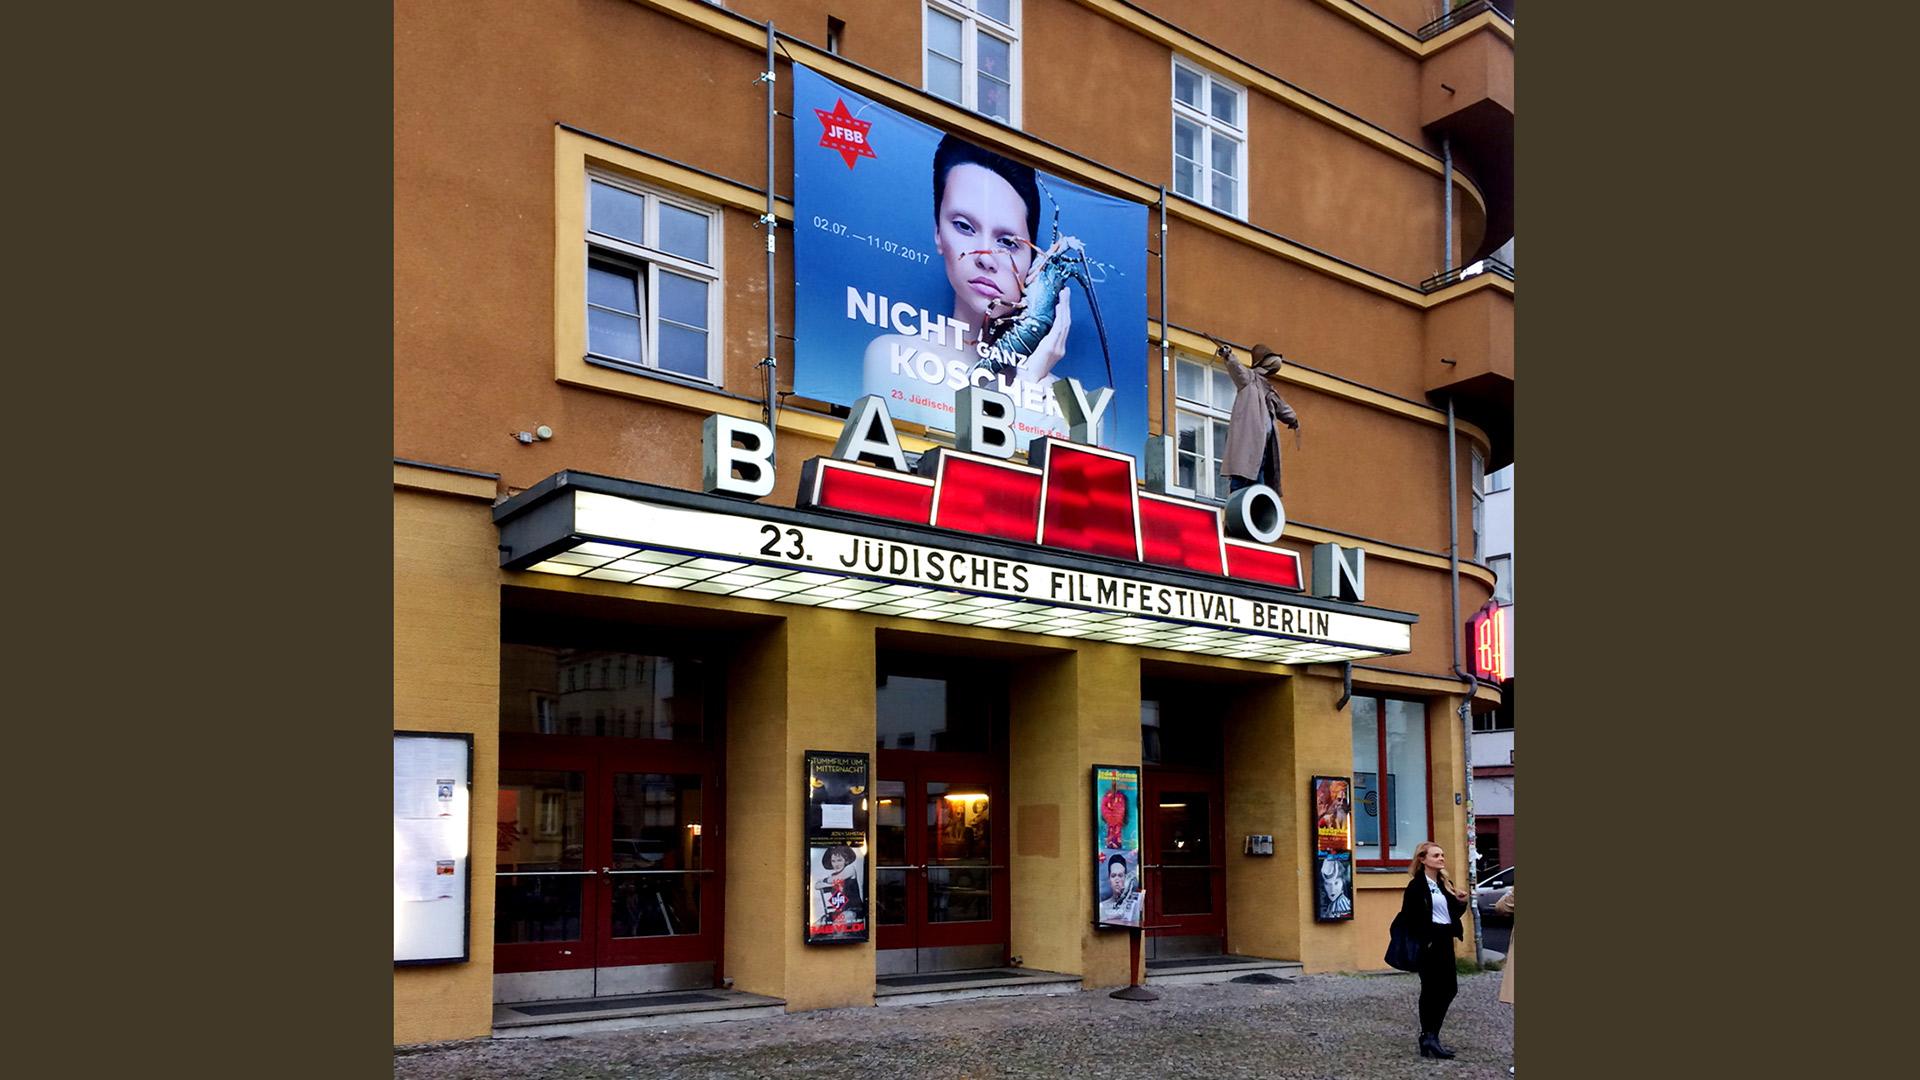 Festival-Berlin-Spannbanner-Matti-Michalke-Berlin-Brandenburg-Aussenwerbung-Innenwerbung-Banner-Planen-Folien-Werbemittel-Druck-Print